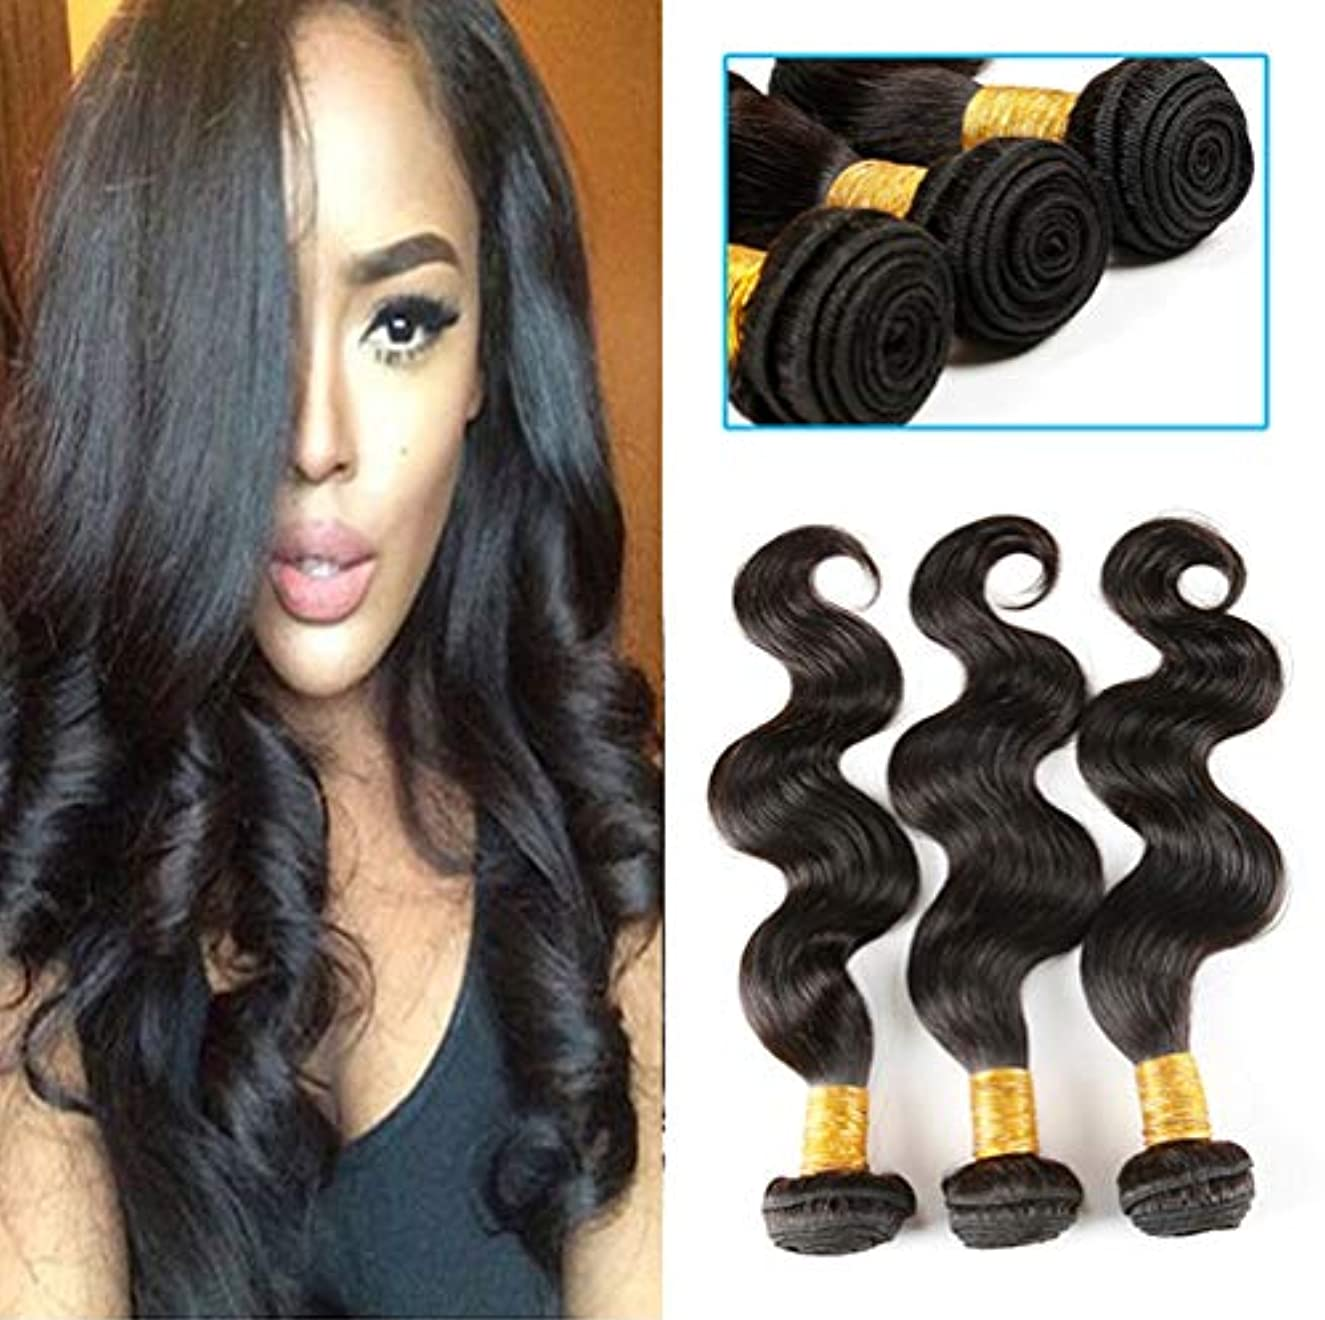 日焼け対話代わりにブラジルの髪の束を編む女性の髪の毛人間の髪の毛の人間の髪の束ブラジルの身体の波の束(3束)